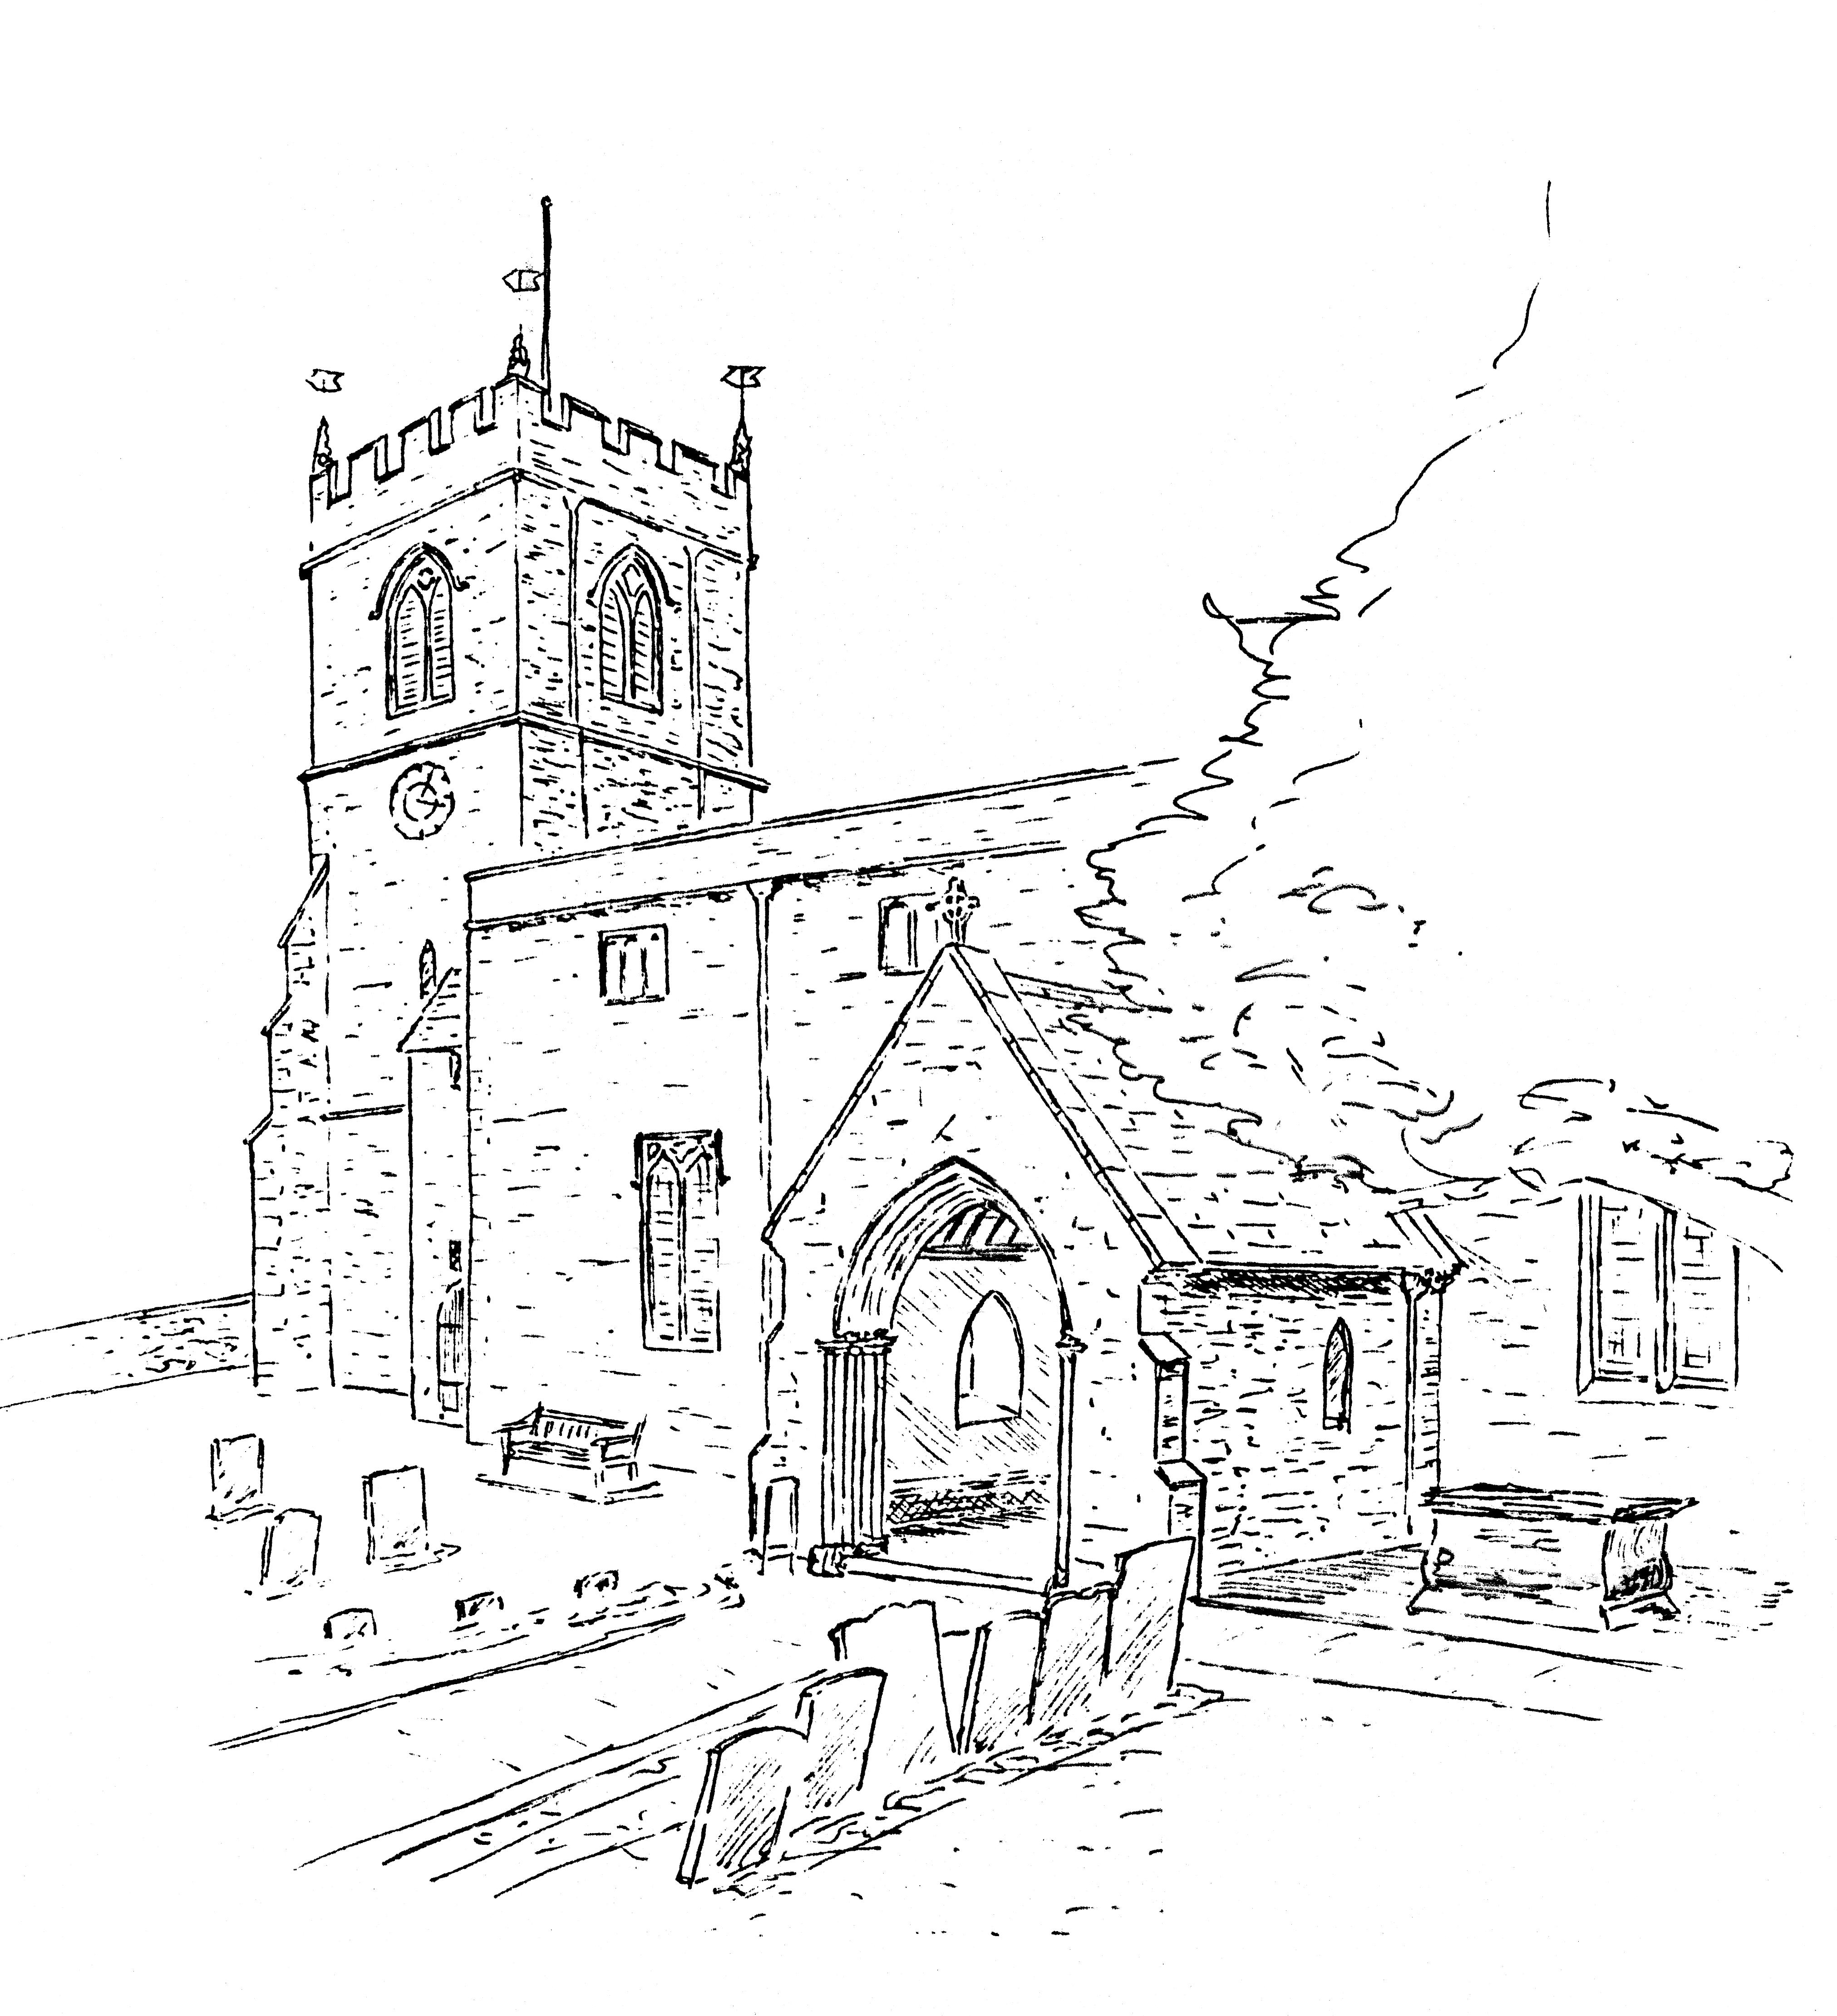 4047x4441 Wootton The Glyme Churches Wootton, Glympton, Kiddington